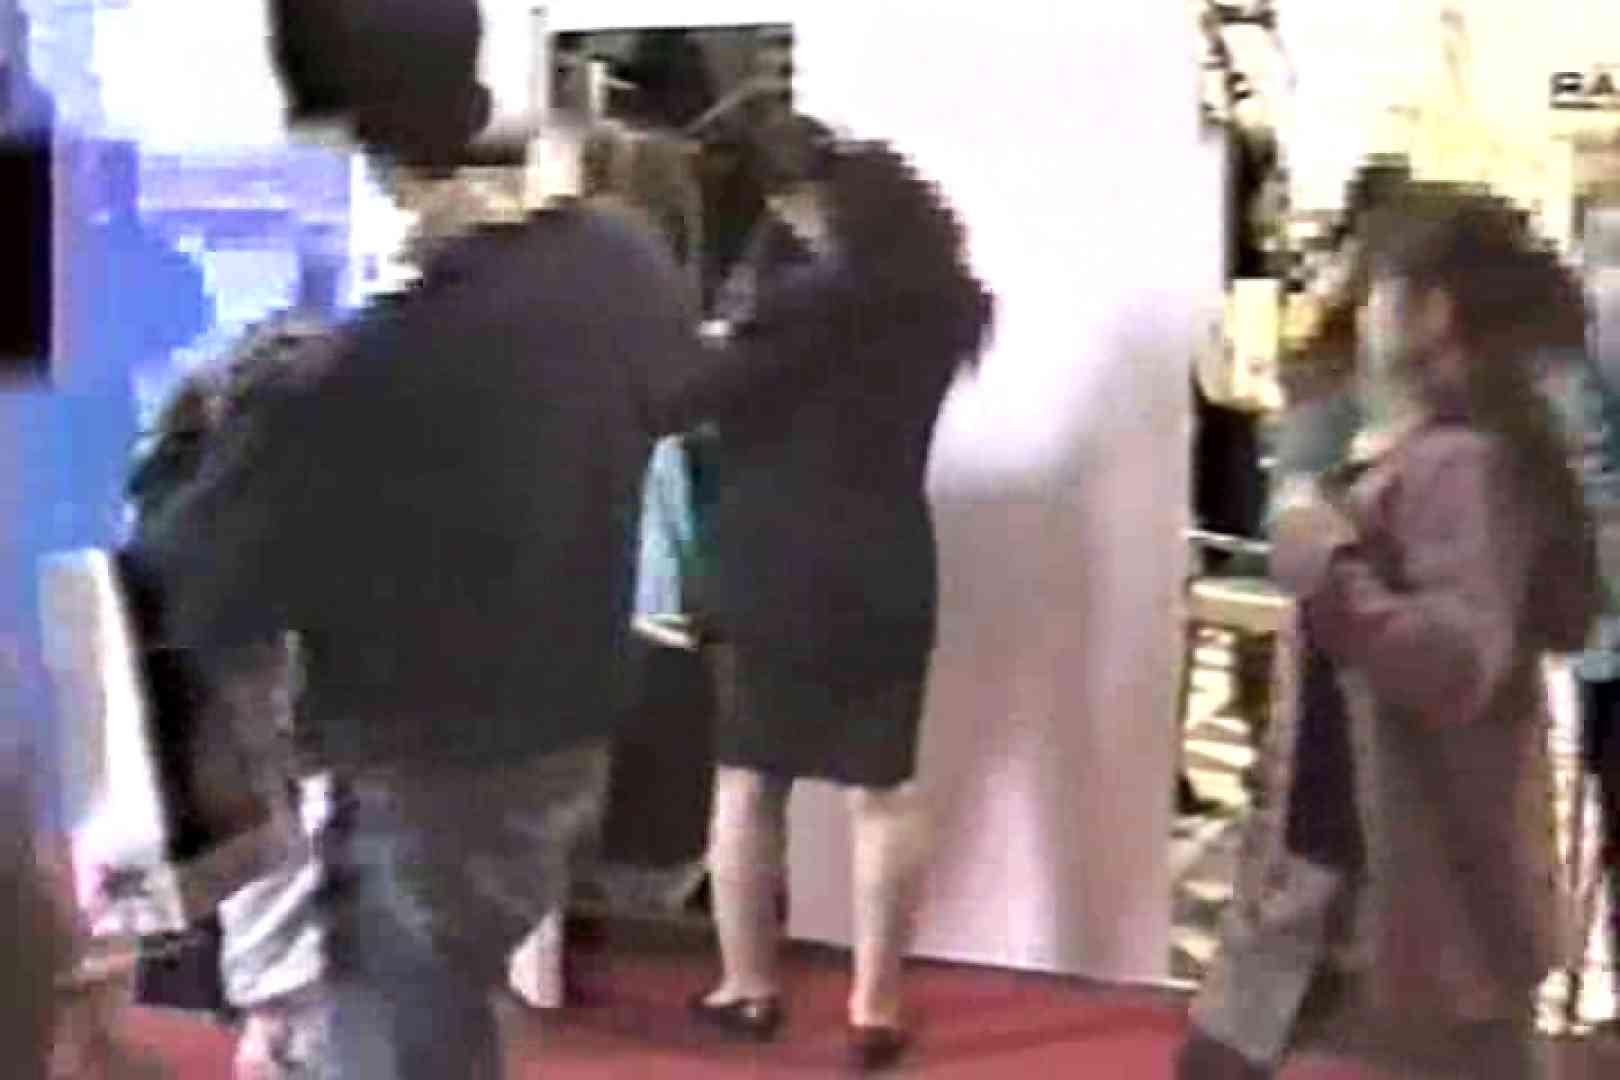 超・痴漢の眼「ユニフォーム現場検証」TNK-07 痴漢 盗み撮り動画 101画像 63